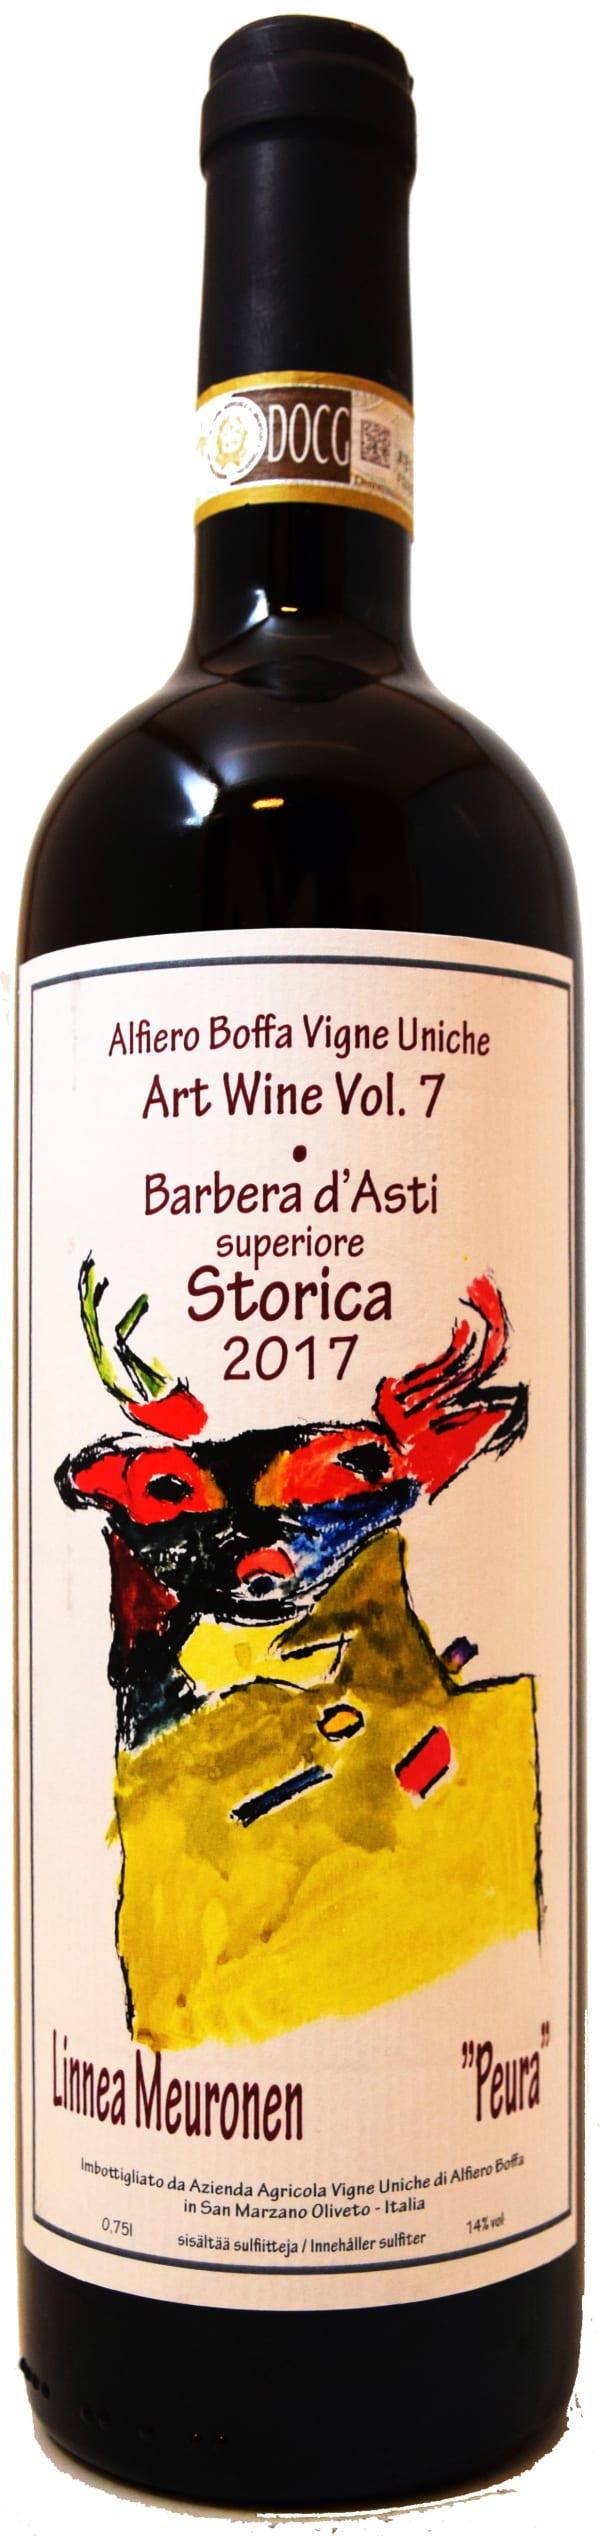 Storica Barbera d'Asti Art Wine Vol. 7 2017